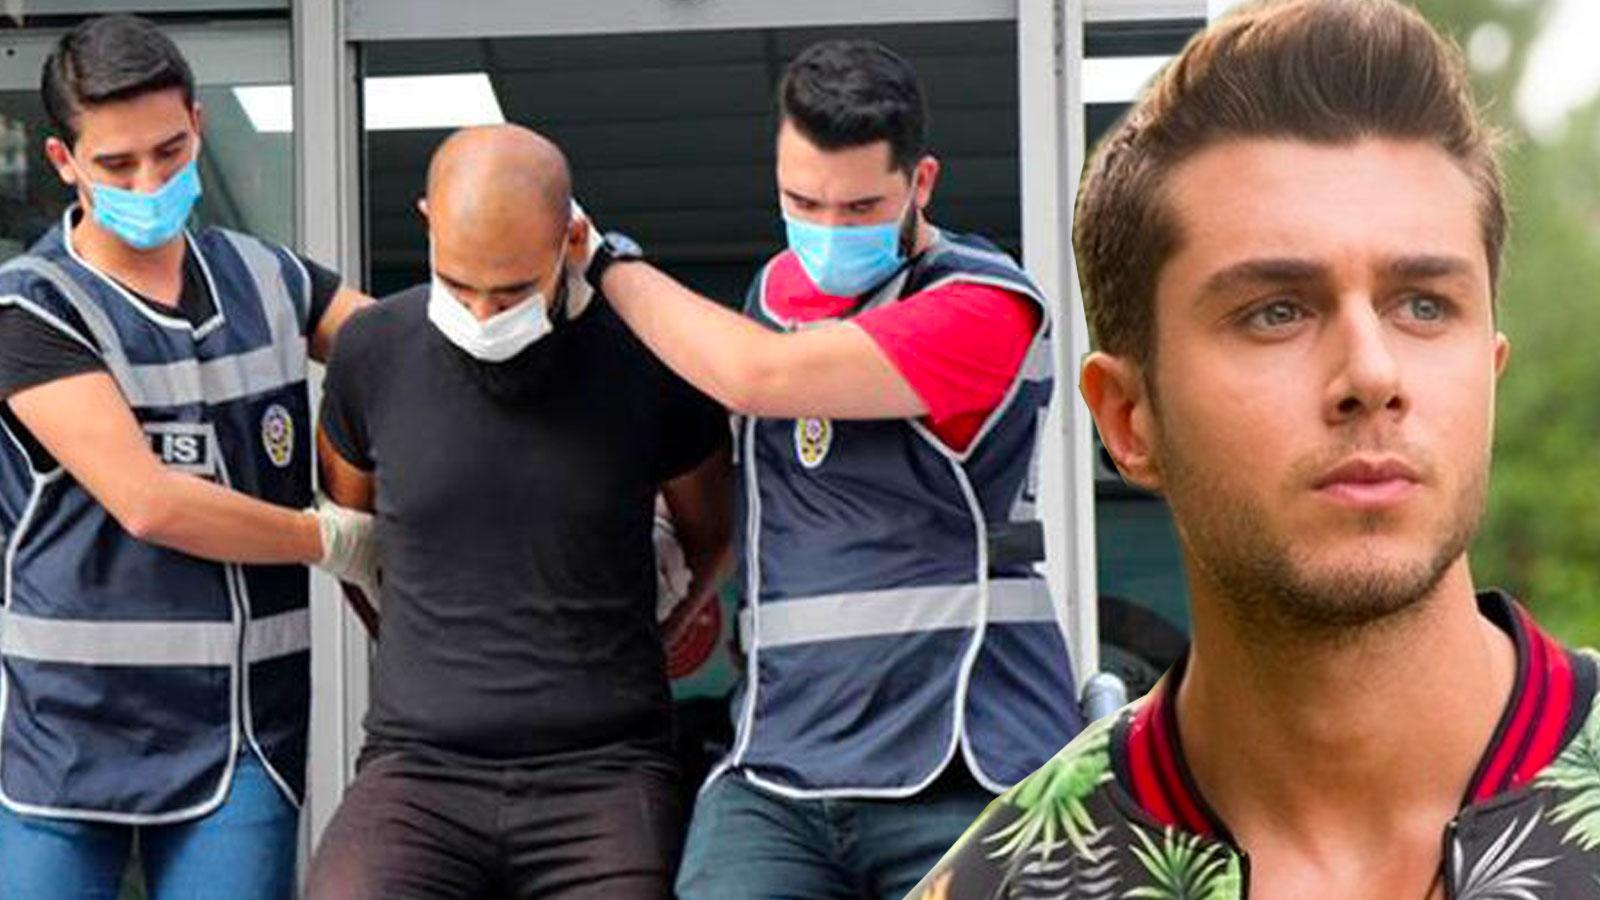 Oyuncu Onur Seyit Yaran'a silahlı saldırı düzenleyen sanık Okuducu'nun ifadesi ortaya çıktı: Allah'ın selamını verdim, o selamımı almayıp küfür etti